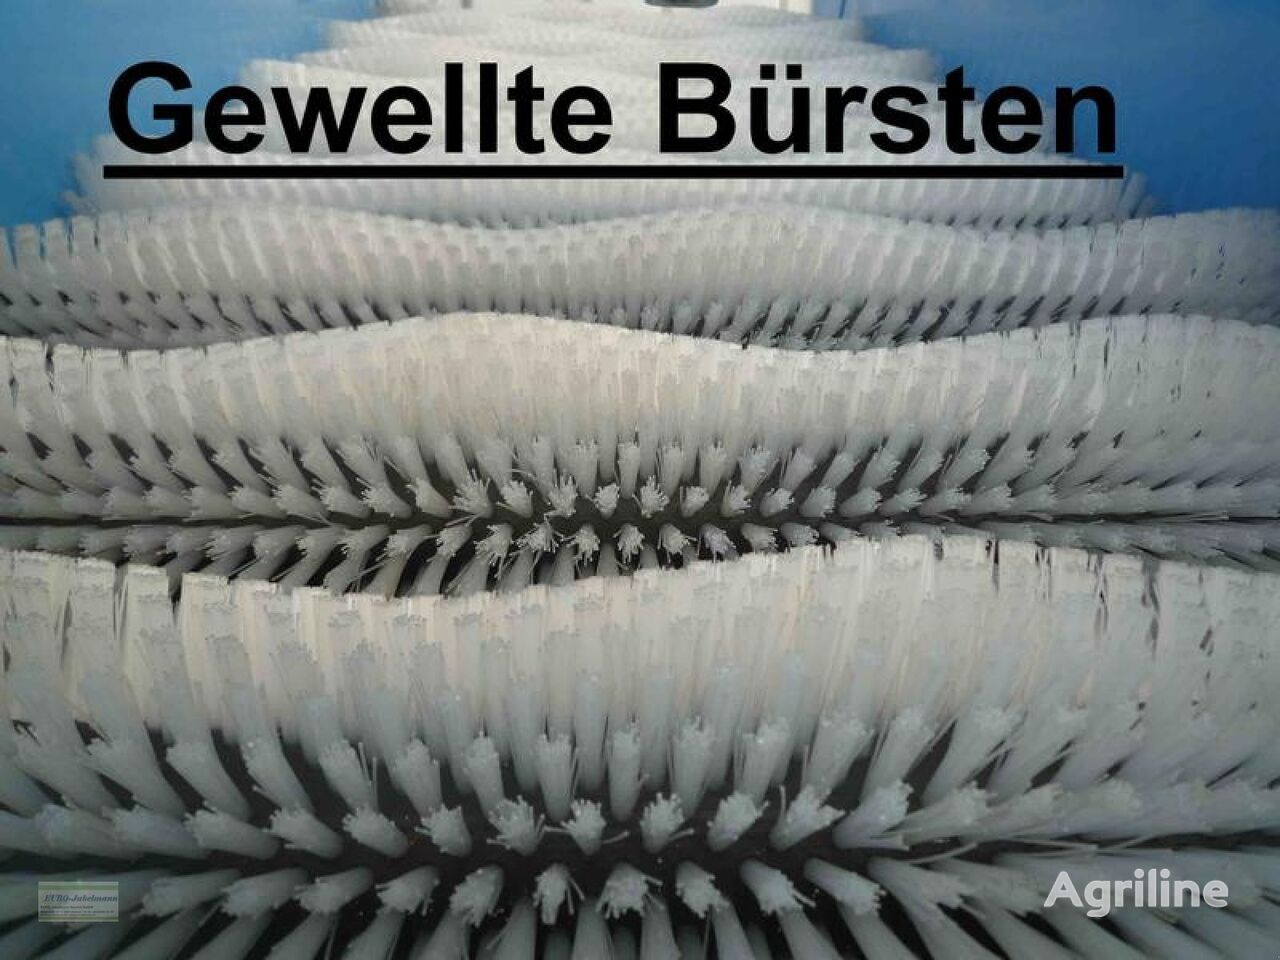 laveuse de légumes EURO-Jabelmann Bürstenmaschine, NEU, 11 Bürsten + 3 Spiralen, 550 mm breit neuf